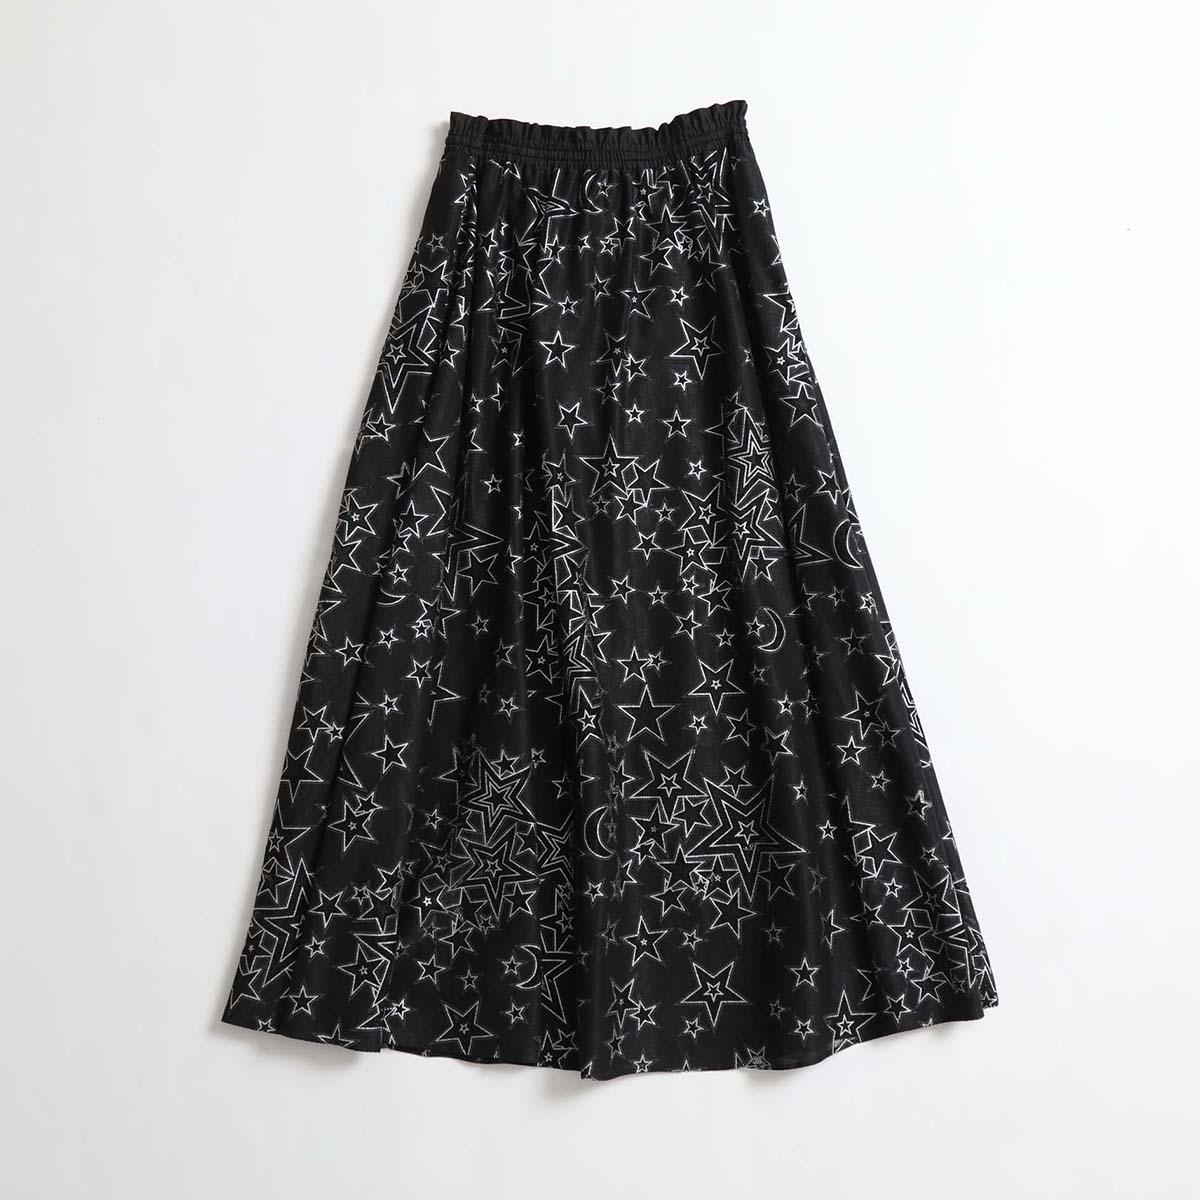 『blanche』 long skirt BLACK画像